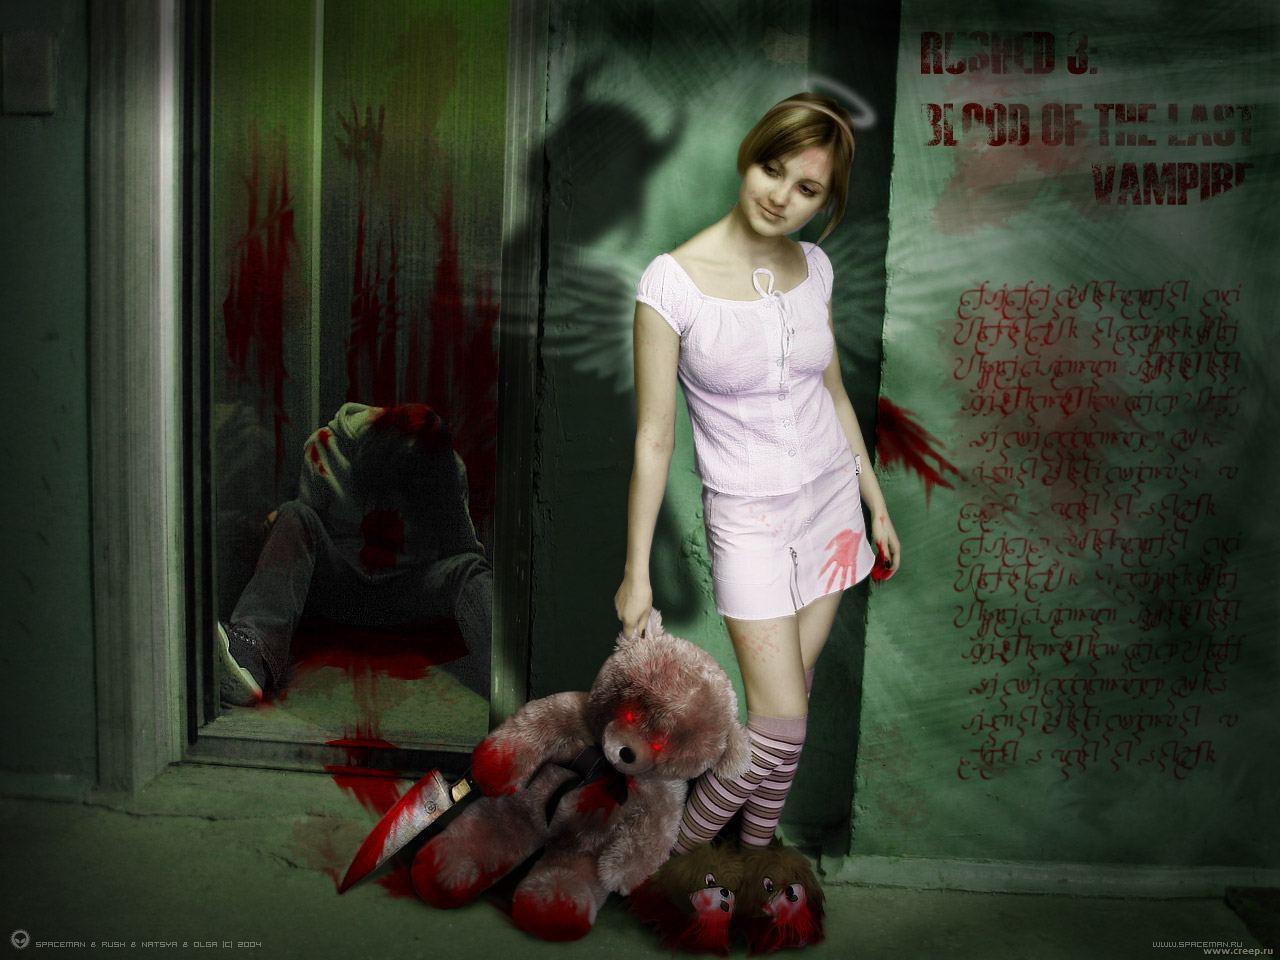 http://3.bp.blogspot.com/_kGJmNX9dHc4/S6oYBbGVUXI/AAAAAAAAAjw/BdHtmFptC84/s1600/horror-wallpaper-by-ravensrevenge666-horror-picture.jpg